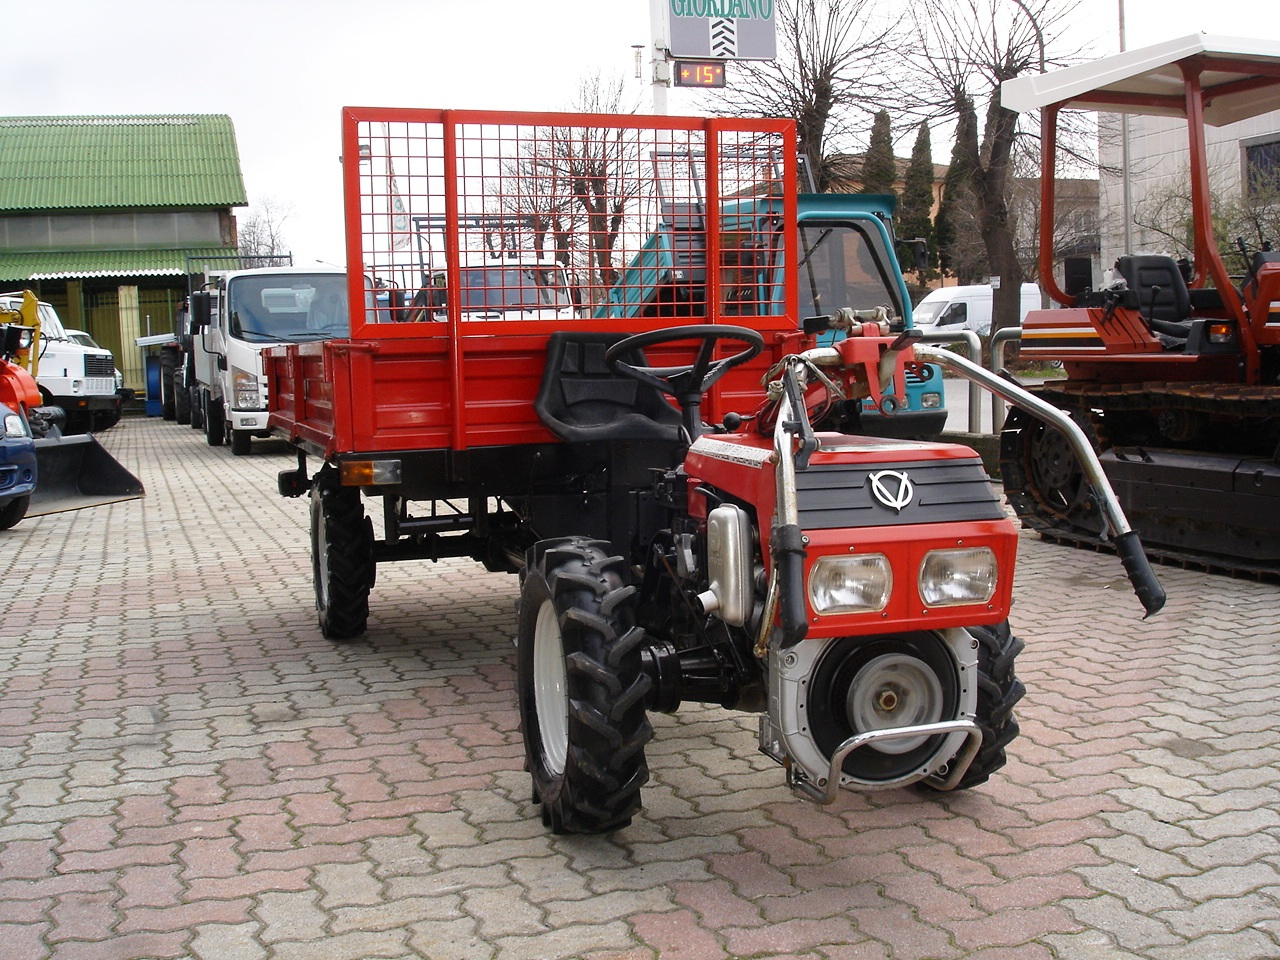 MOTOAGRICOLA MOTOCOLTIVATORE USATO VALPADANA VMC 150 Avv. Elettrico